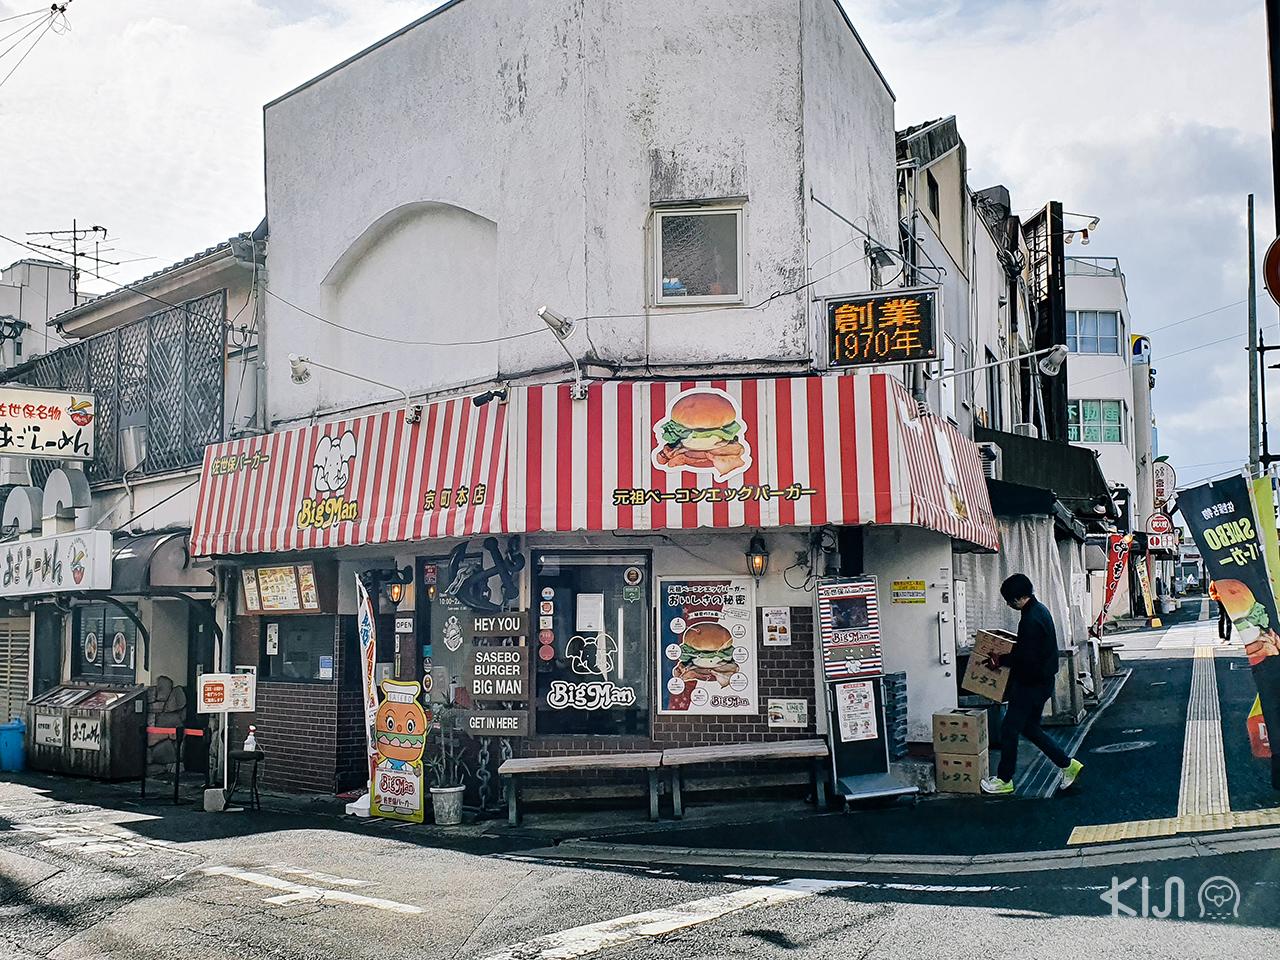 ร้านอาหารและคาเฟ่ในจ.นางาซากิ (Nagasaki) และ ซากะ (Saga) - Big Man